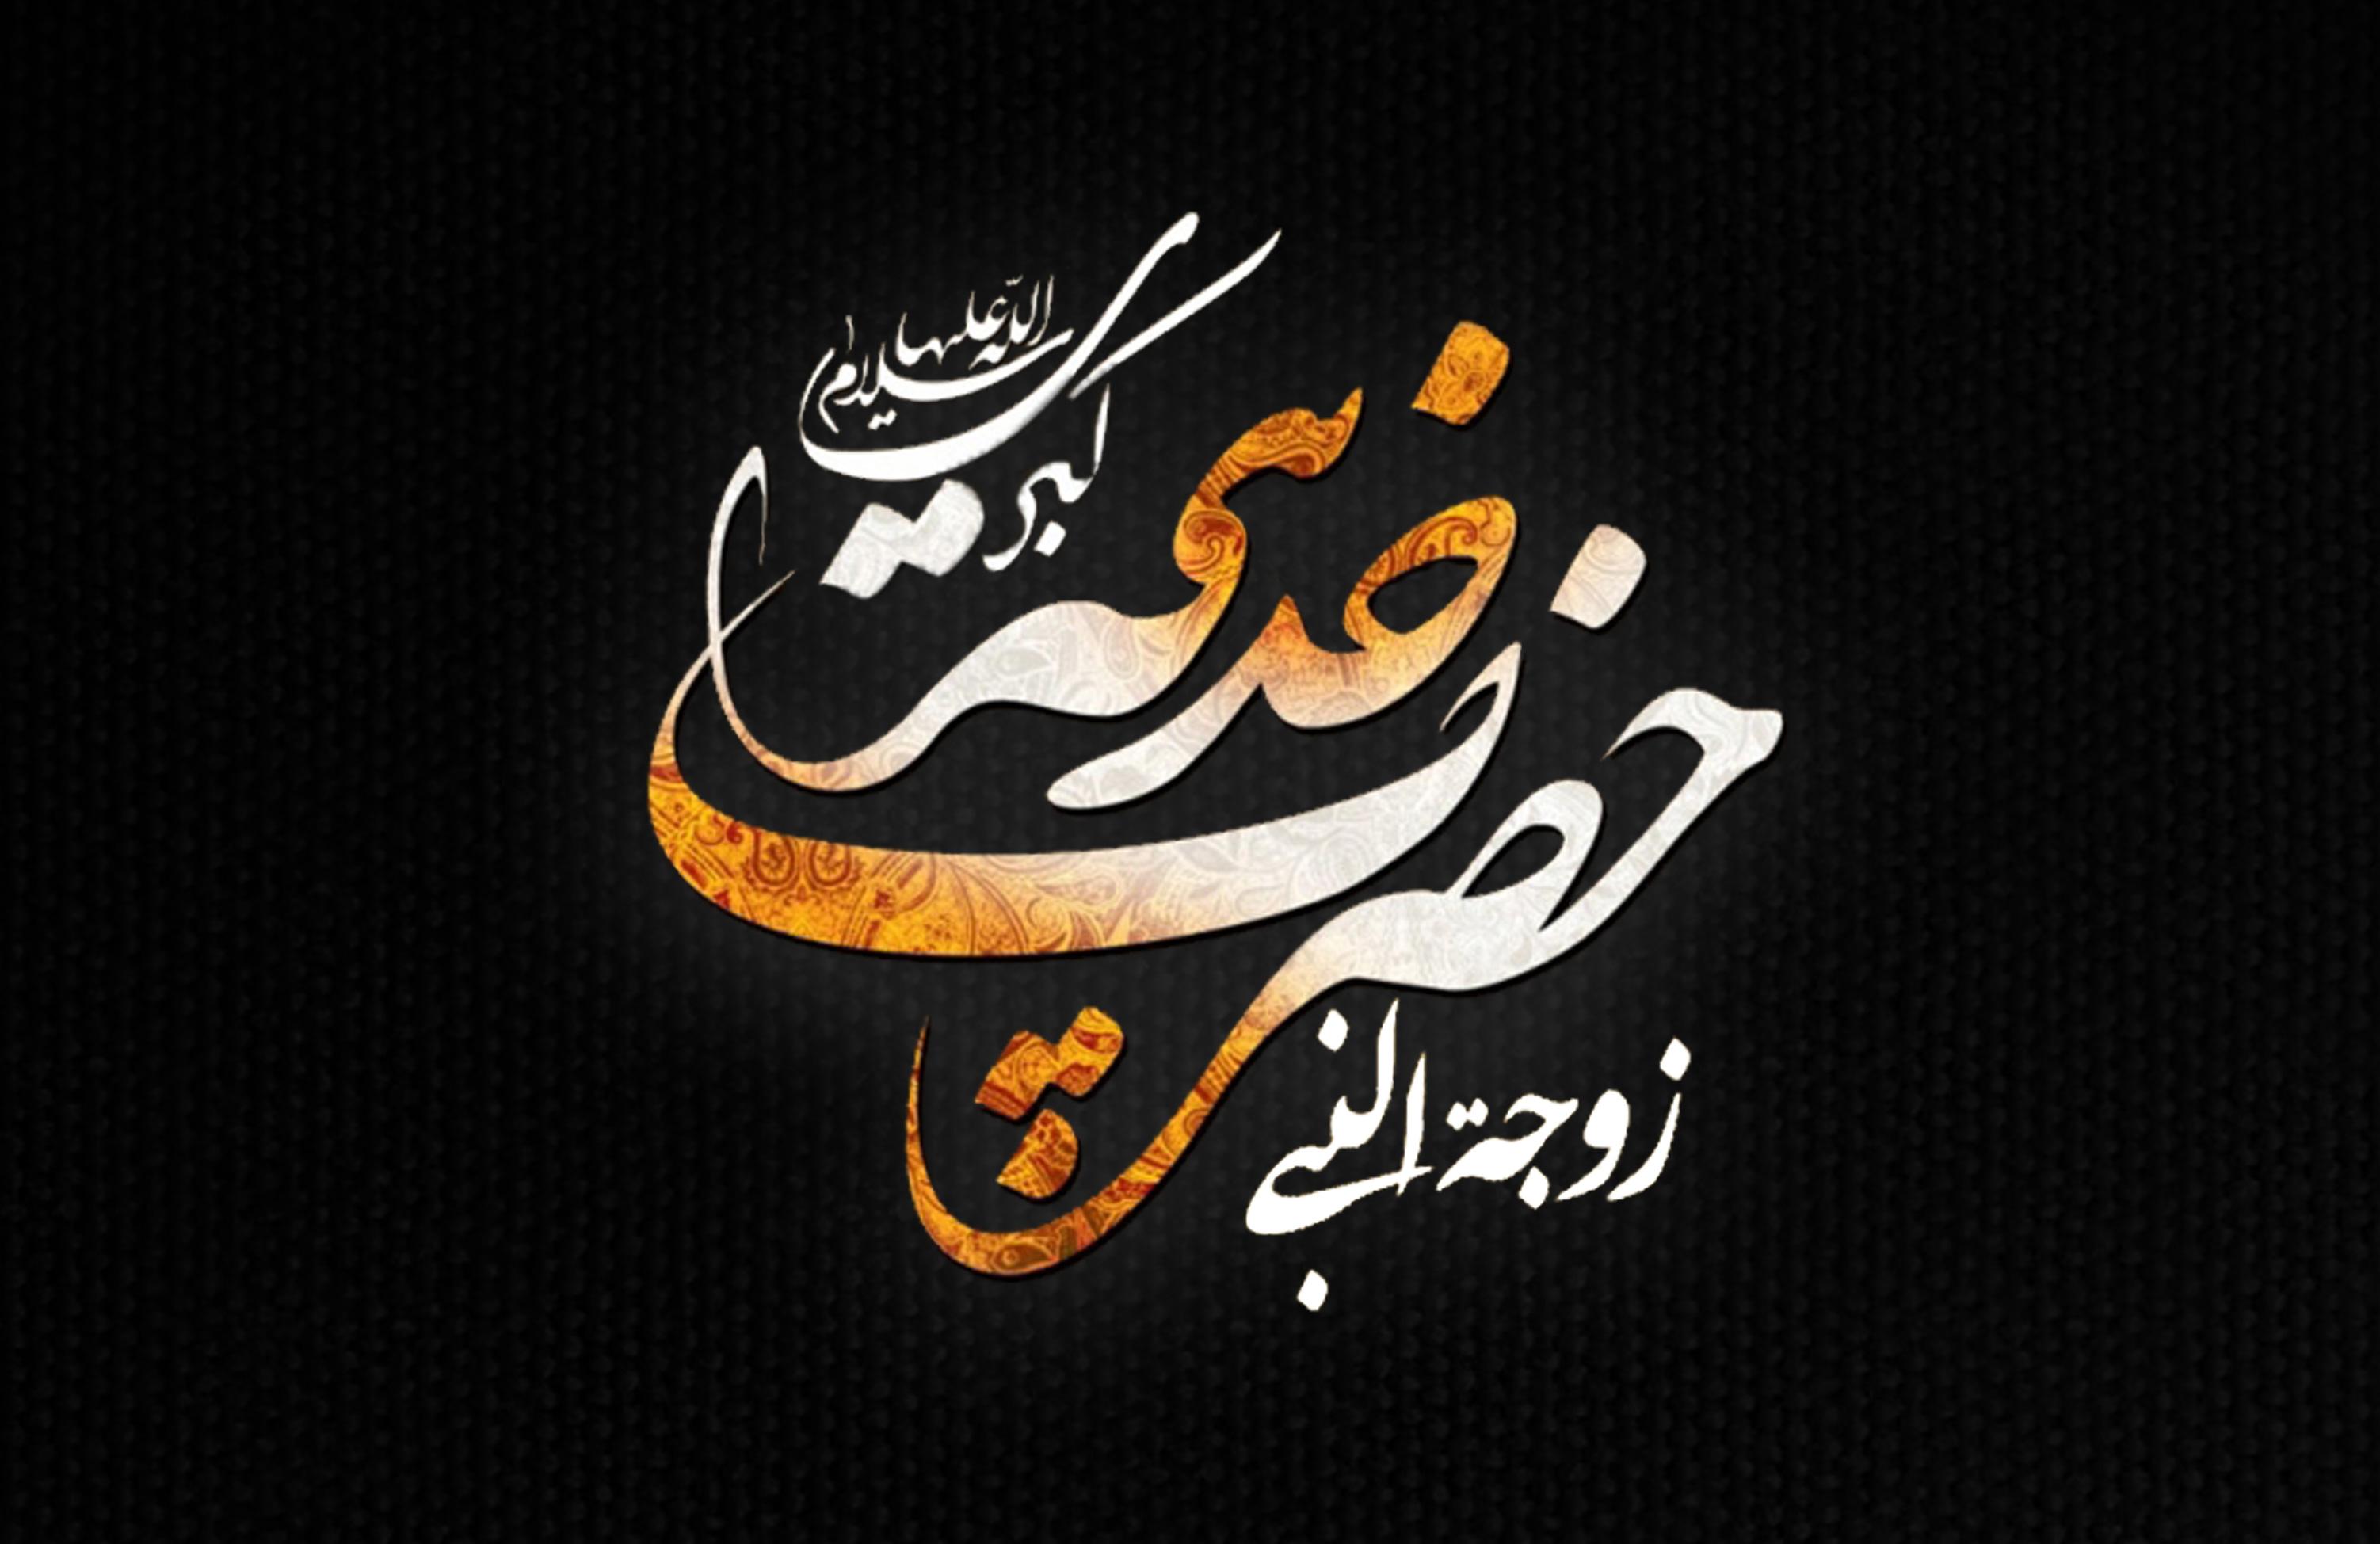 بانویی که پیامبر(ص) او را افضل زنان بهشت نامید/ بشارت الهی برای امالمؤمنین